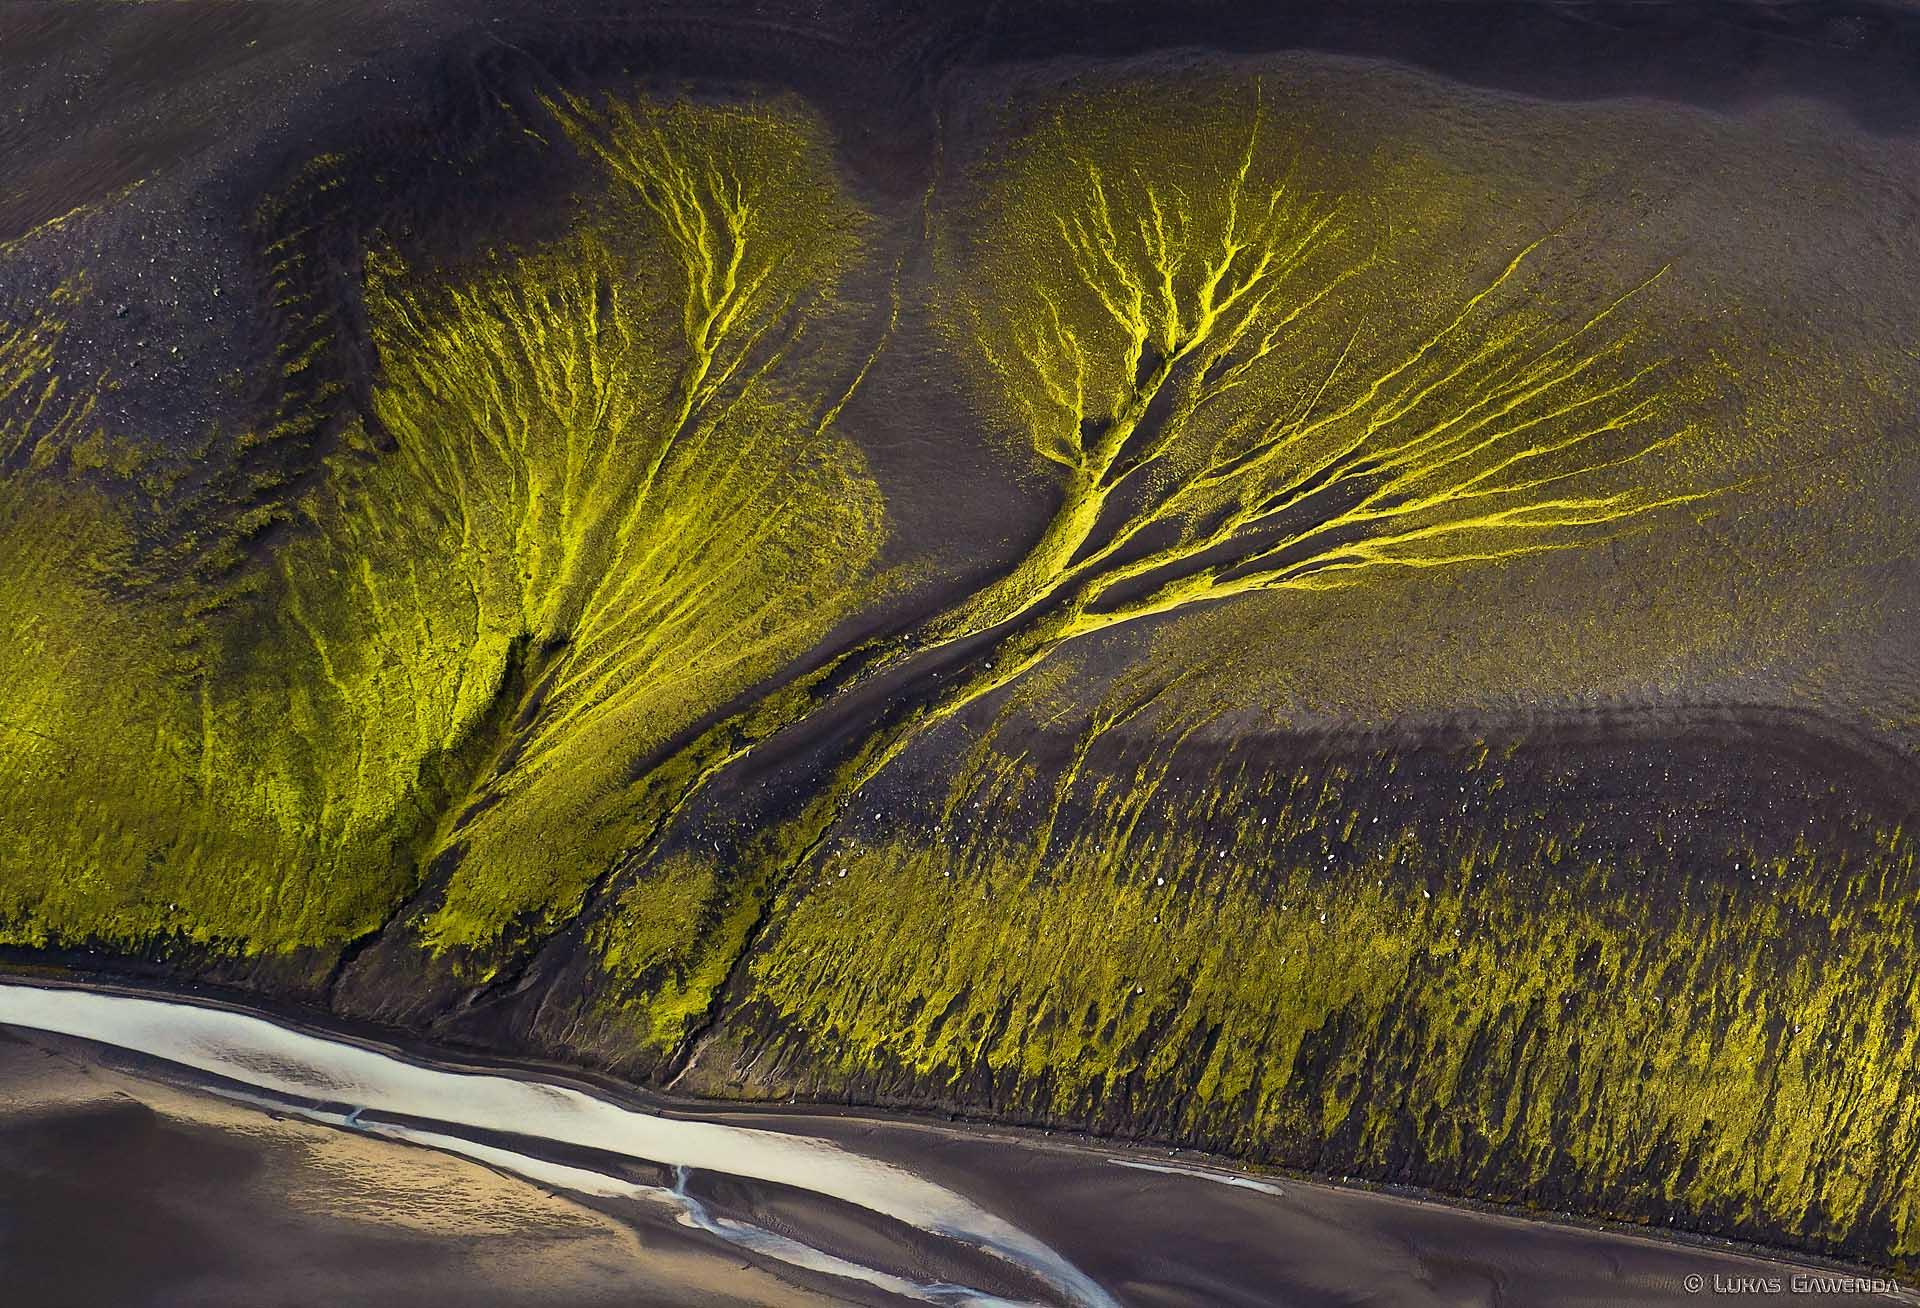 Baum der Wildness - Aerial Island - Lukas Gawenda